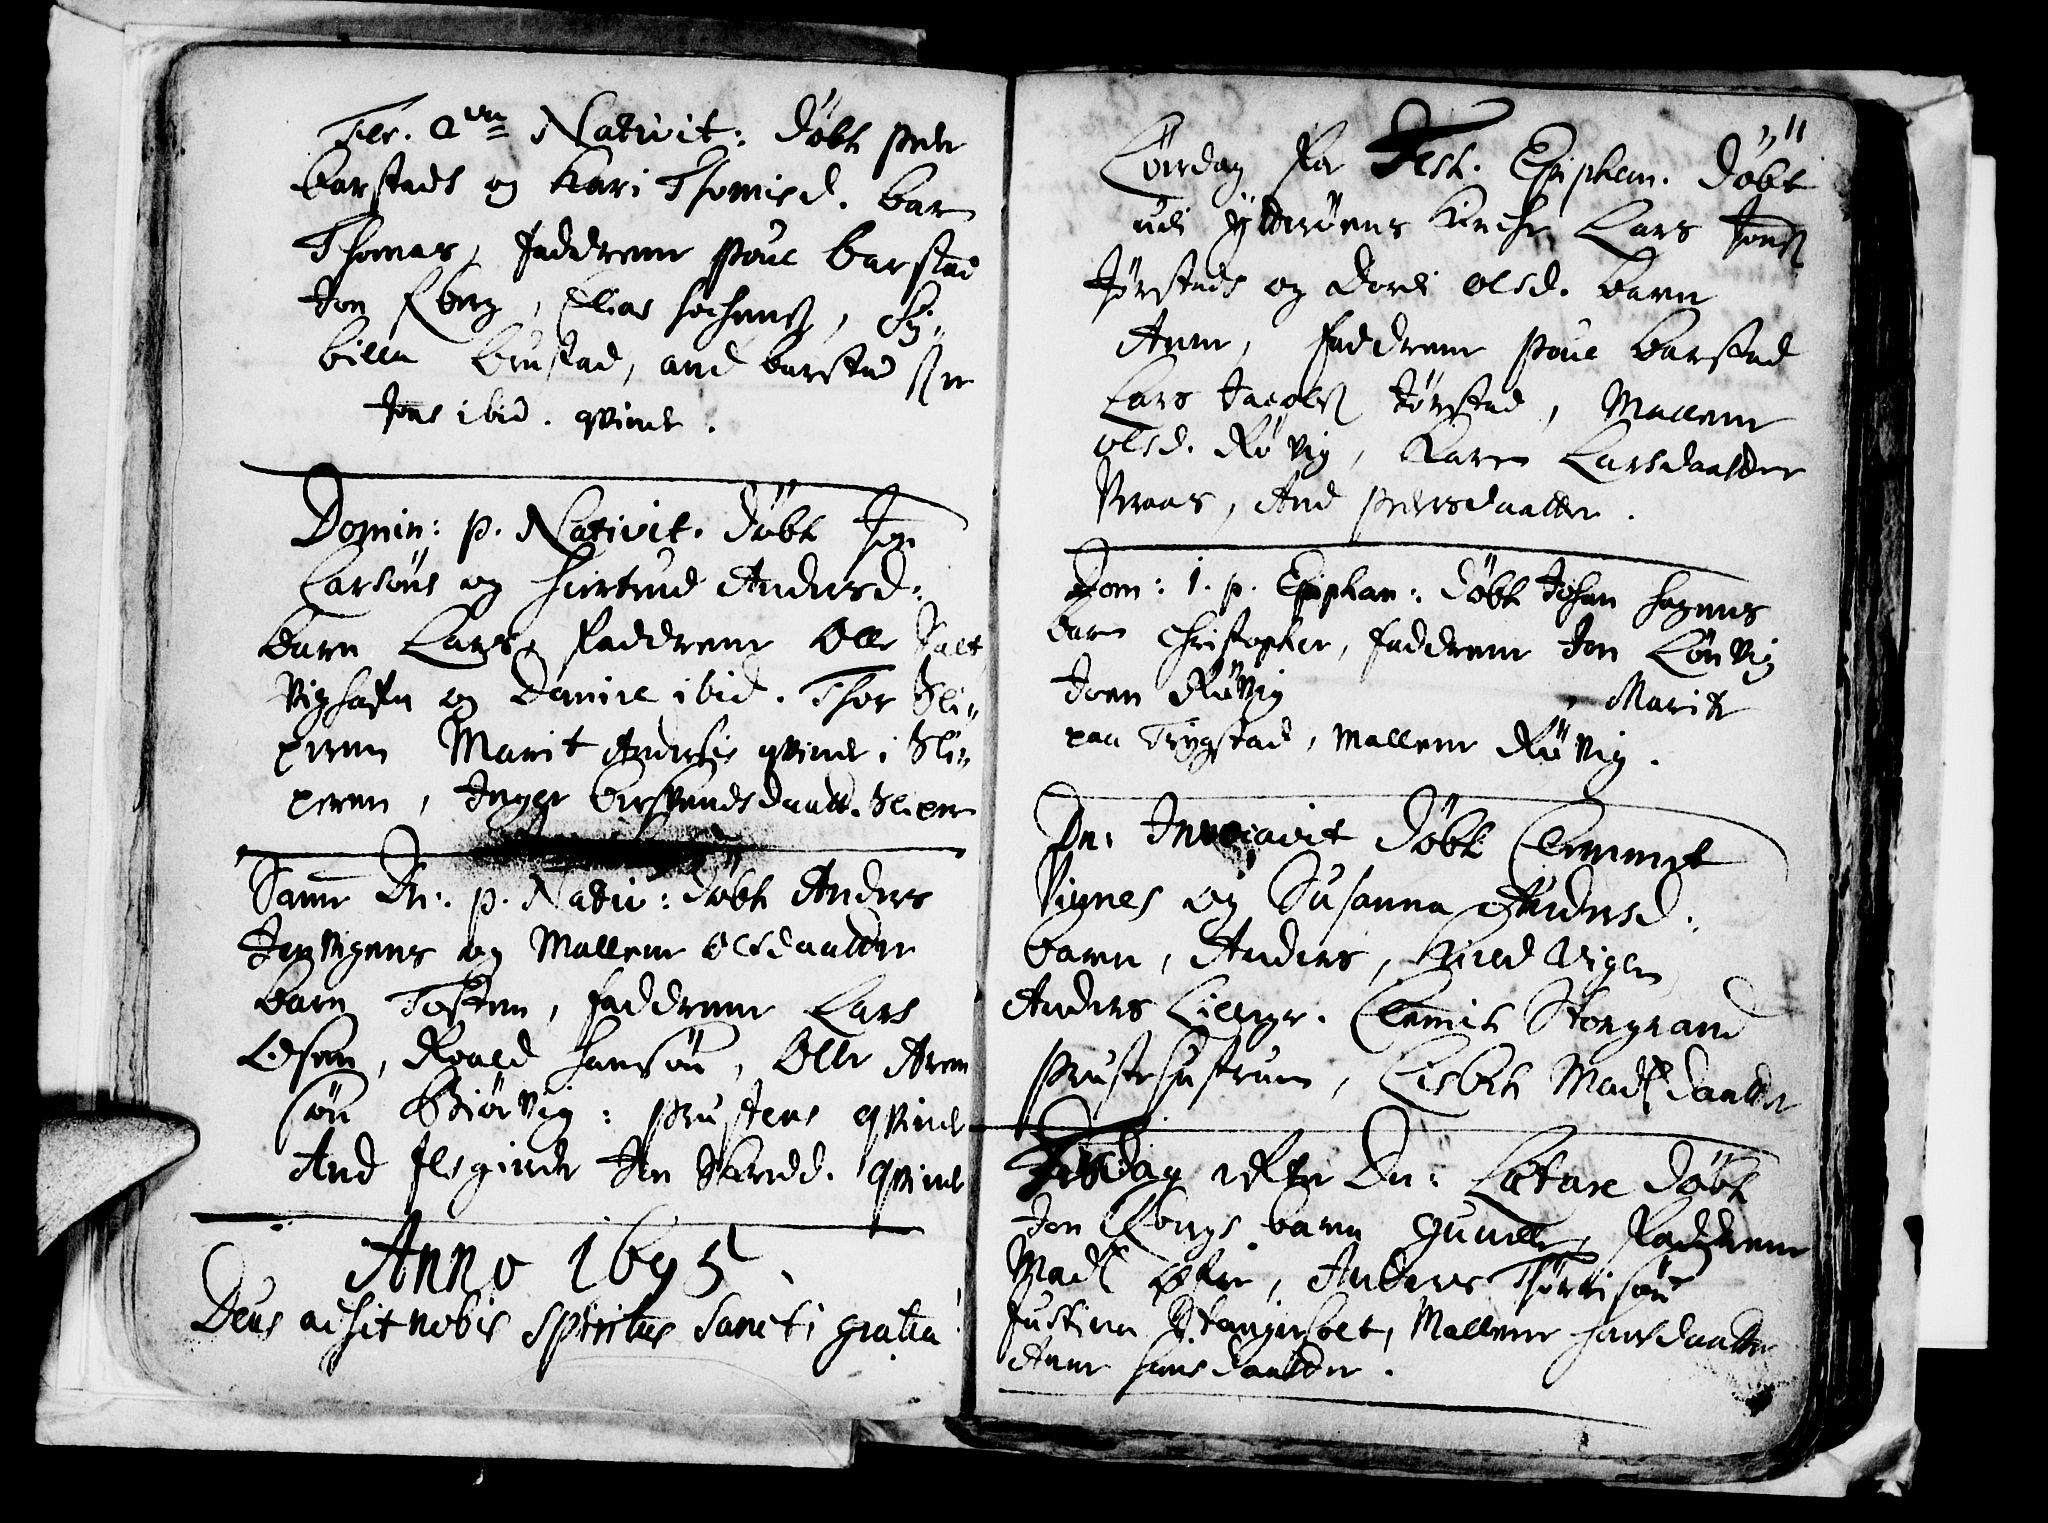 SAT, Ministerialprotokoller, klokkerbøker og fødselsregistre - Nord-Trøndelag, 722/L0214: Ministerialbok nr. 722A01, 1692-1718, s. 11